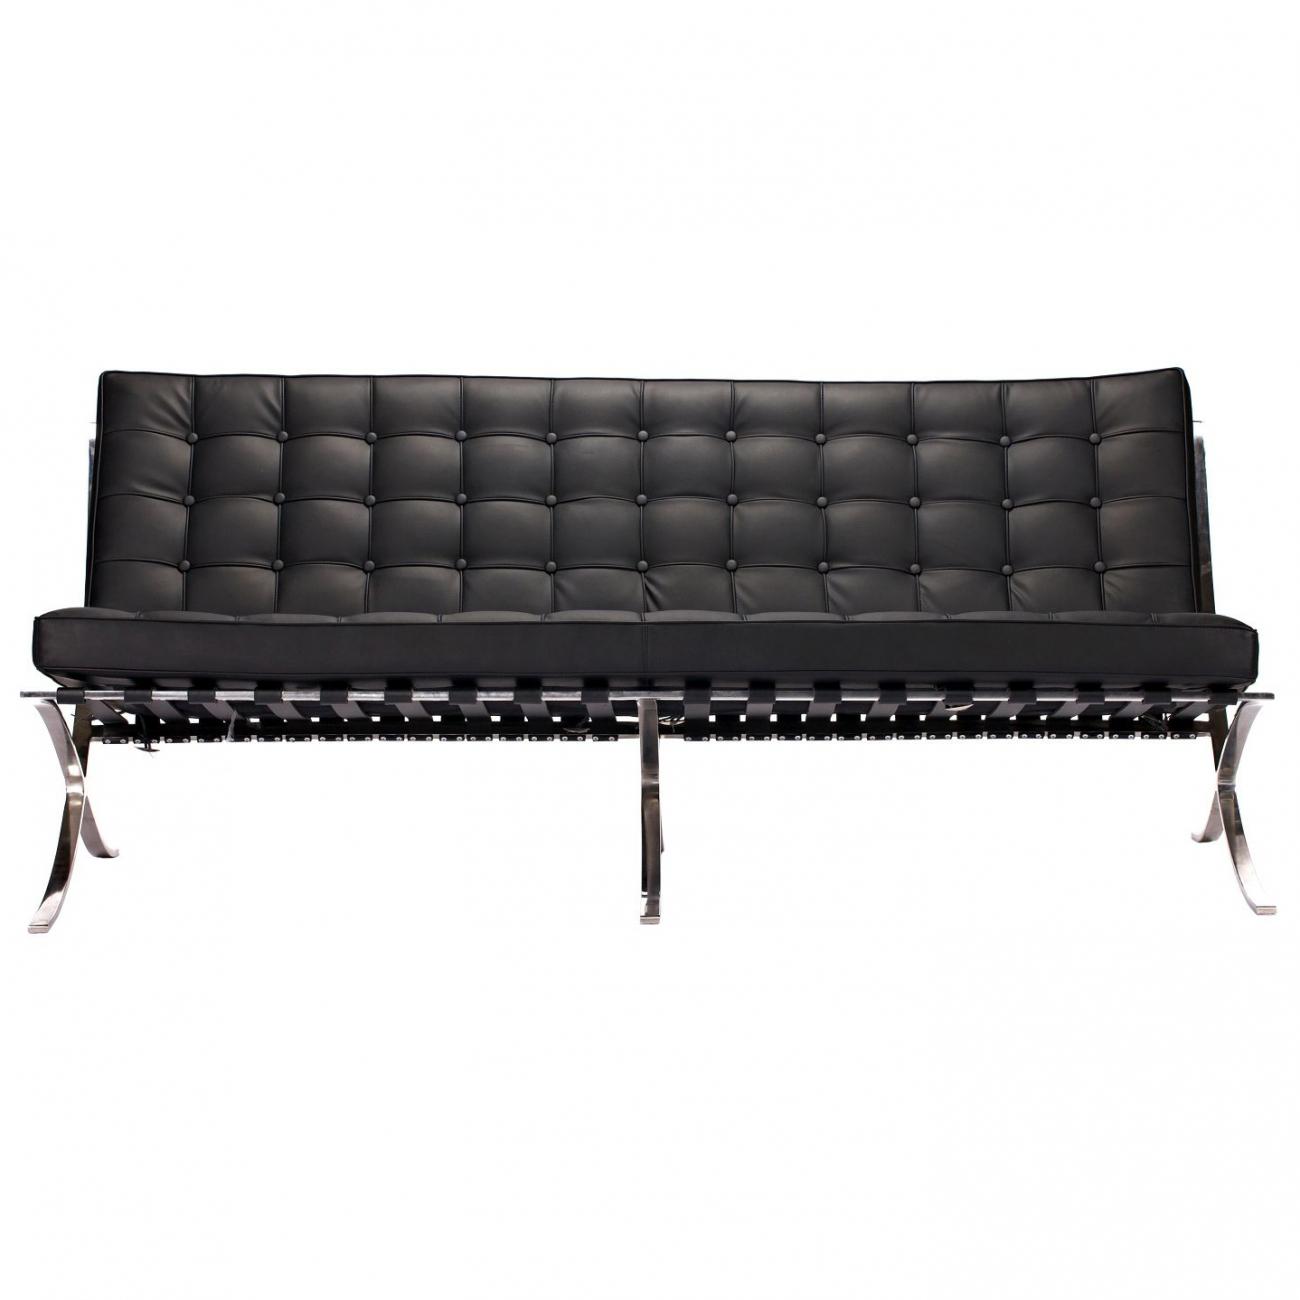 Купить Диван Barcelona Трехместный Чёрная Экокожа в интернет магазине дизайнерской мебели и аксессуаров для дома и дачи